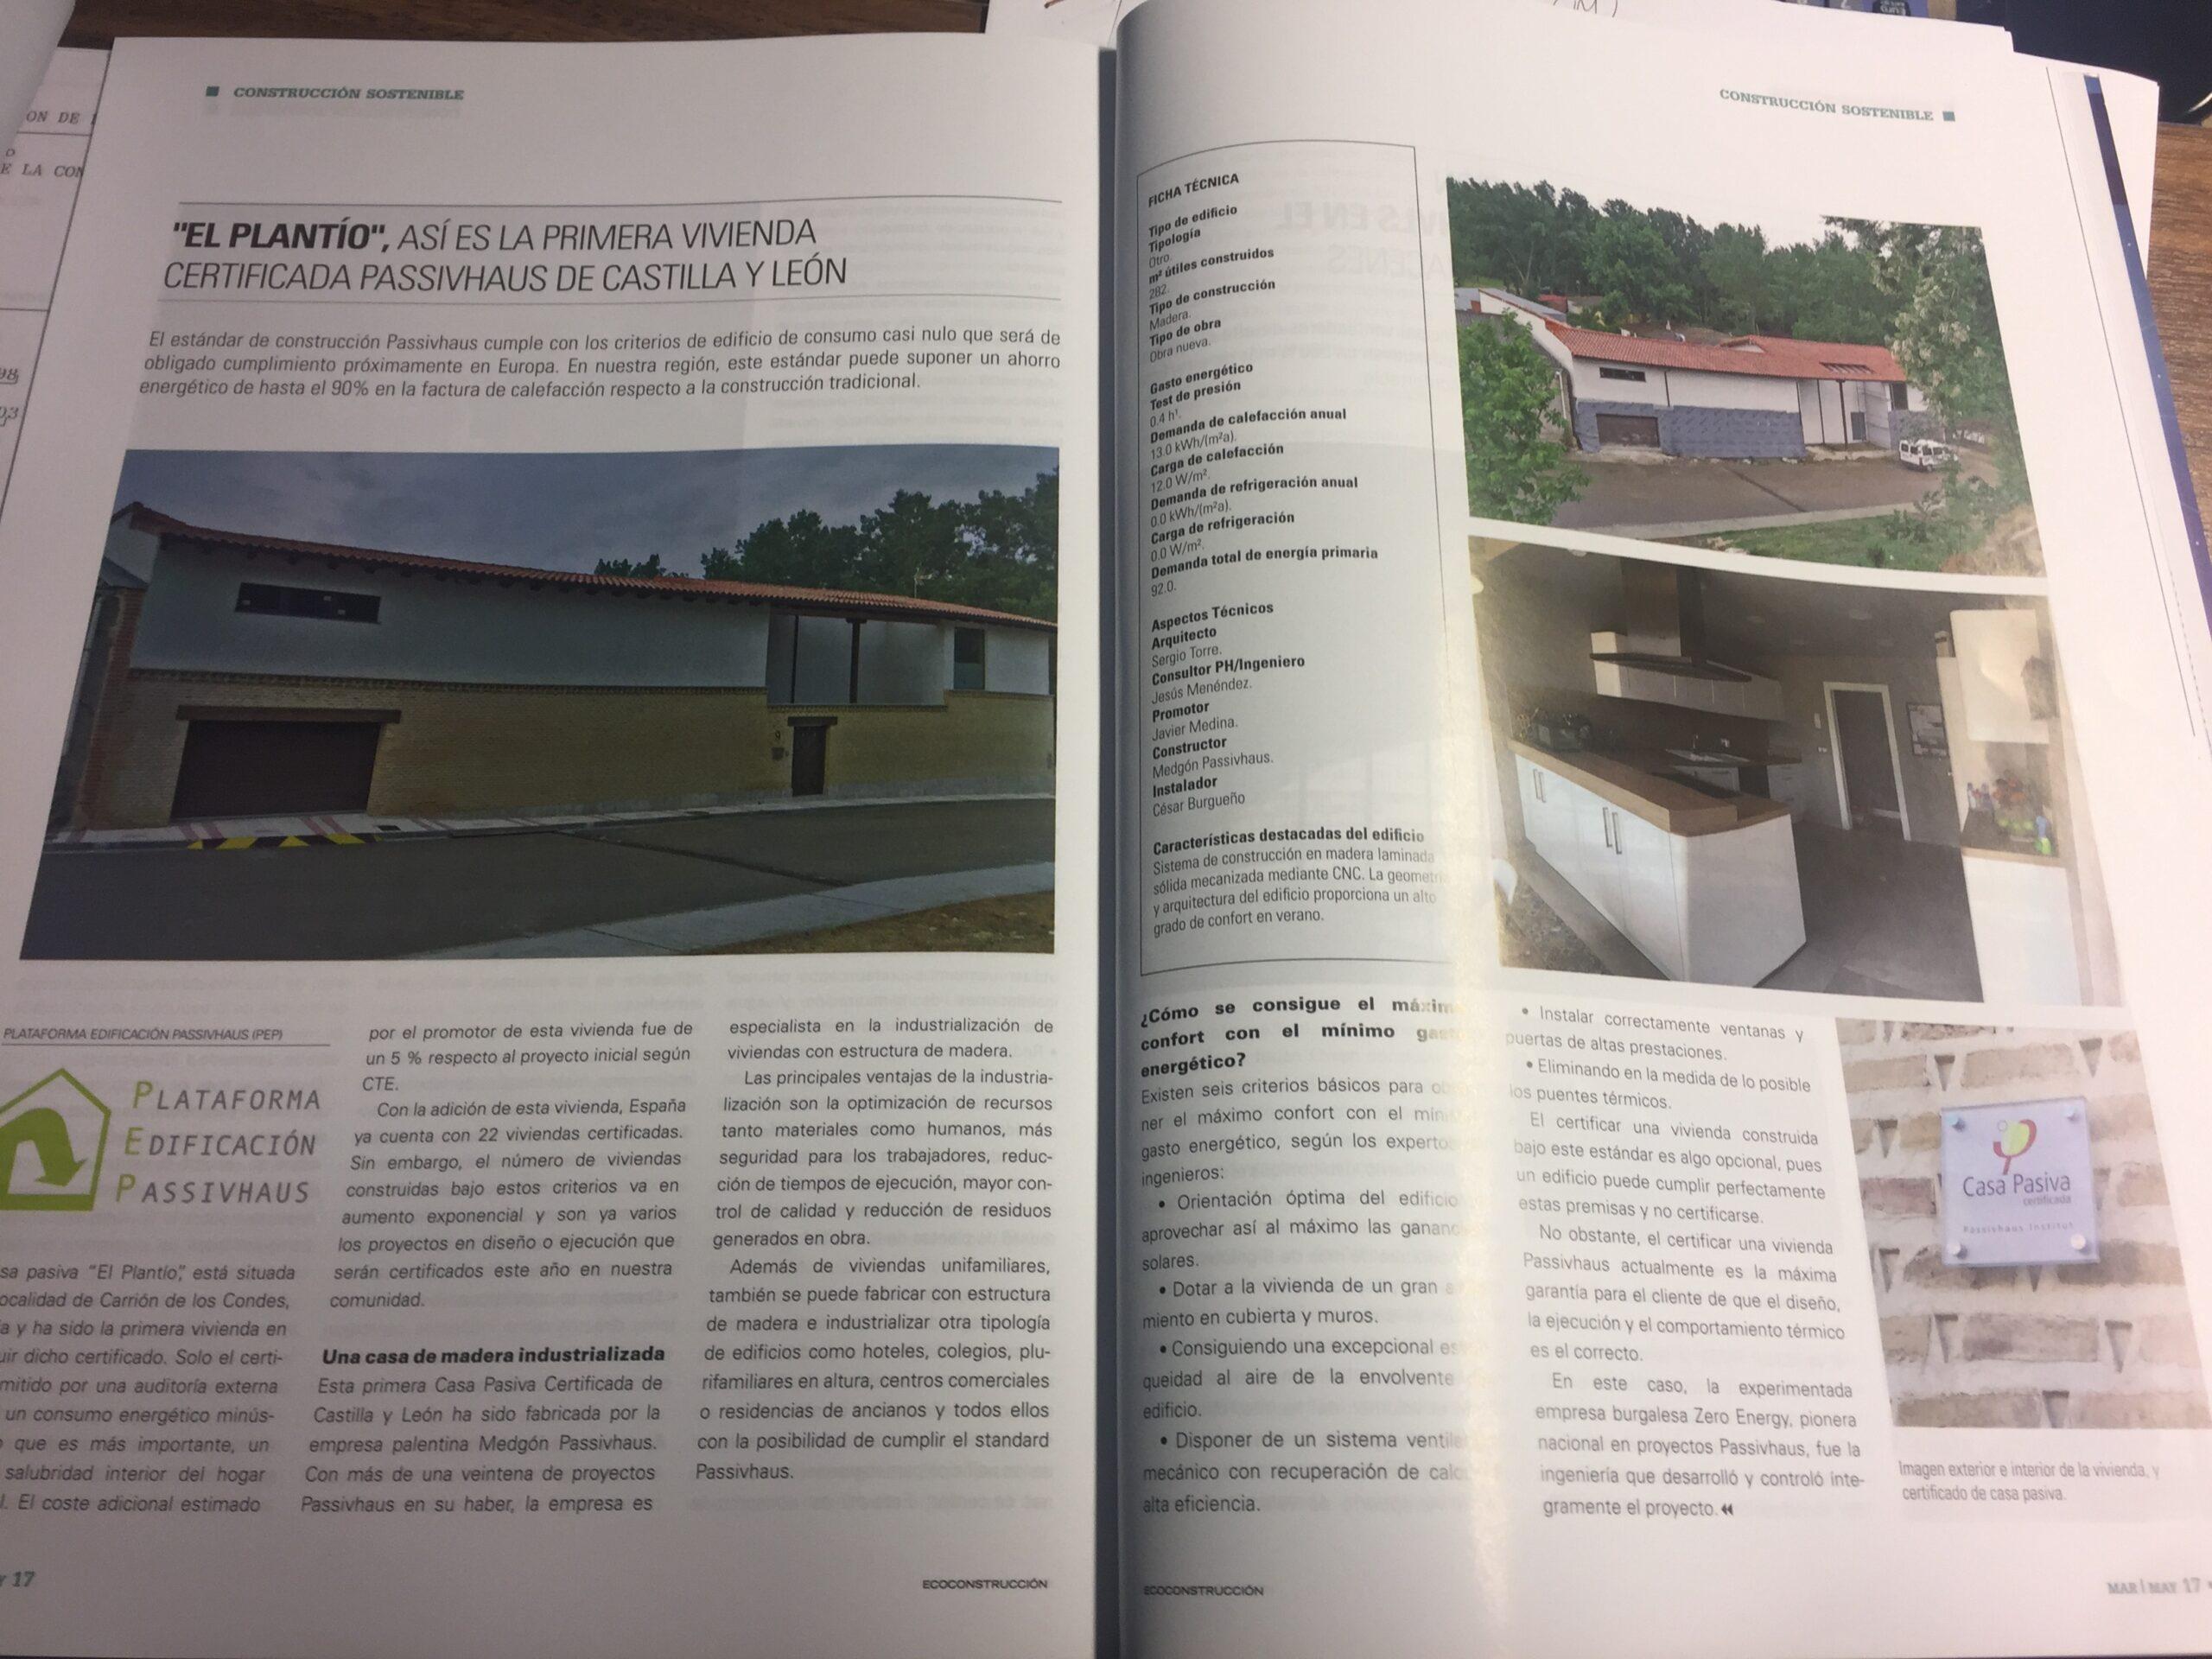 La Casa Pasiva «El Plantío» en la revista Ecoconstrucción